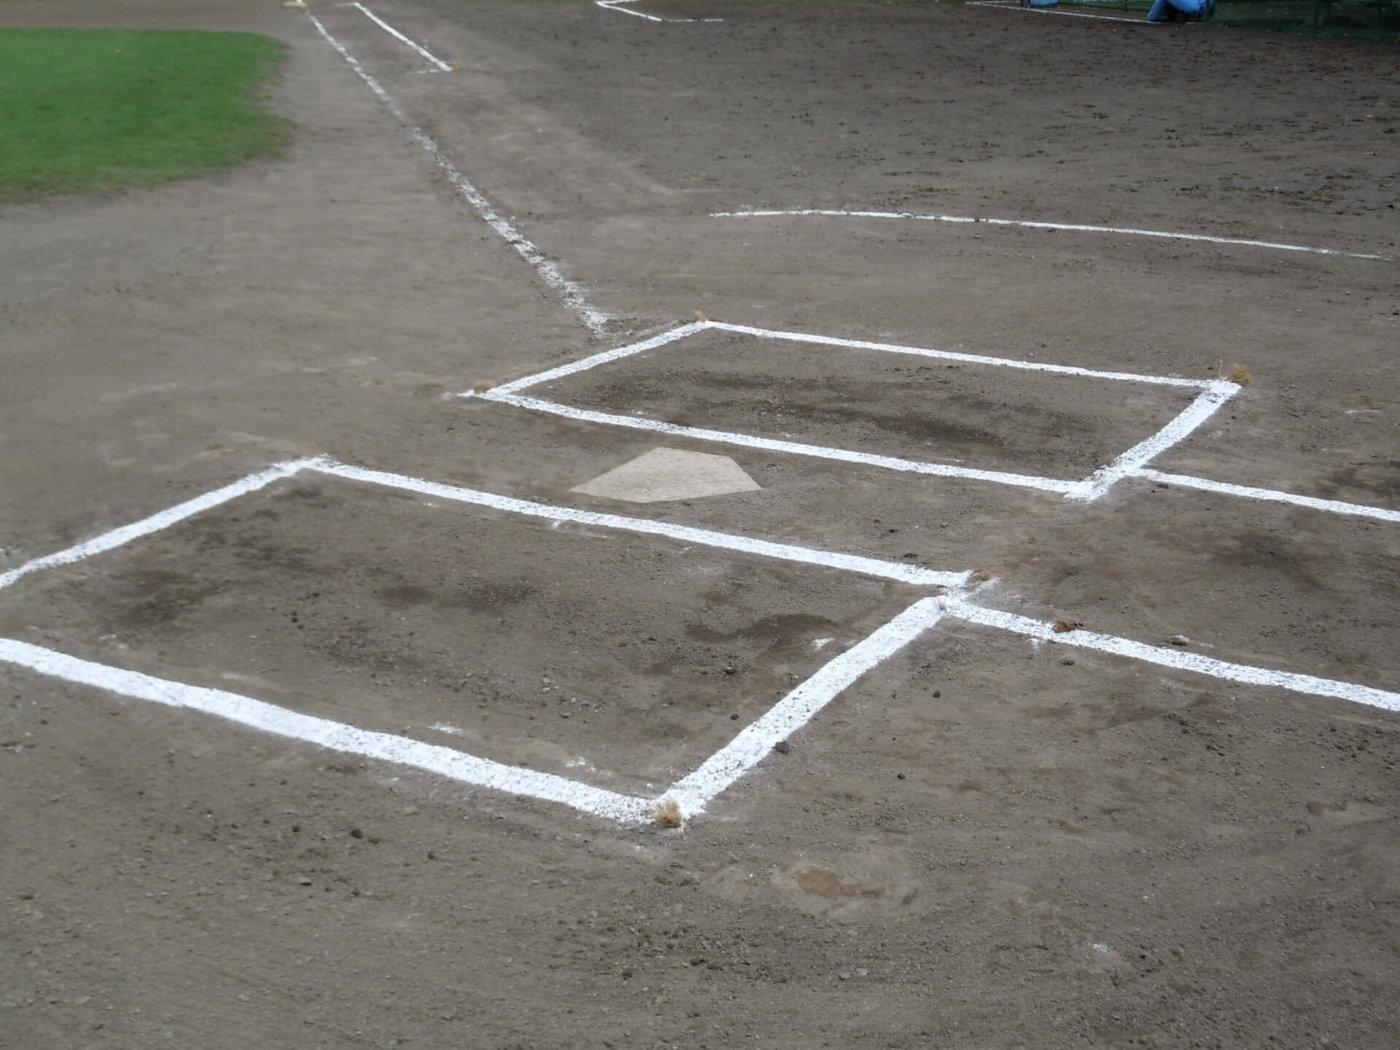 ソフトボールの特徴である塁間の短さは何を生みだすのだろう